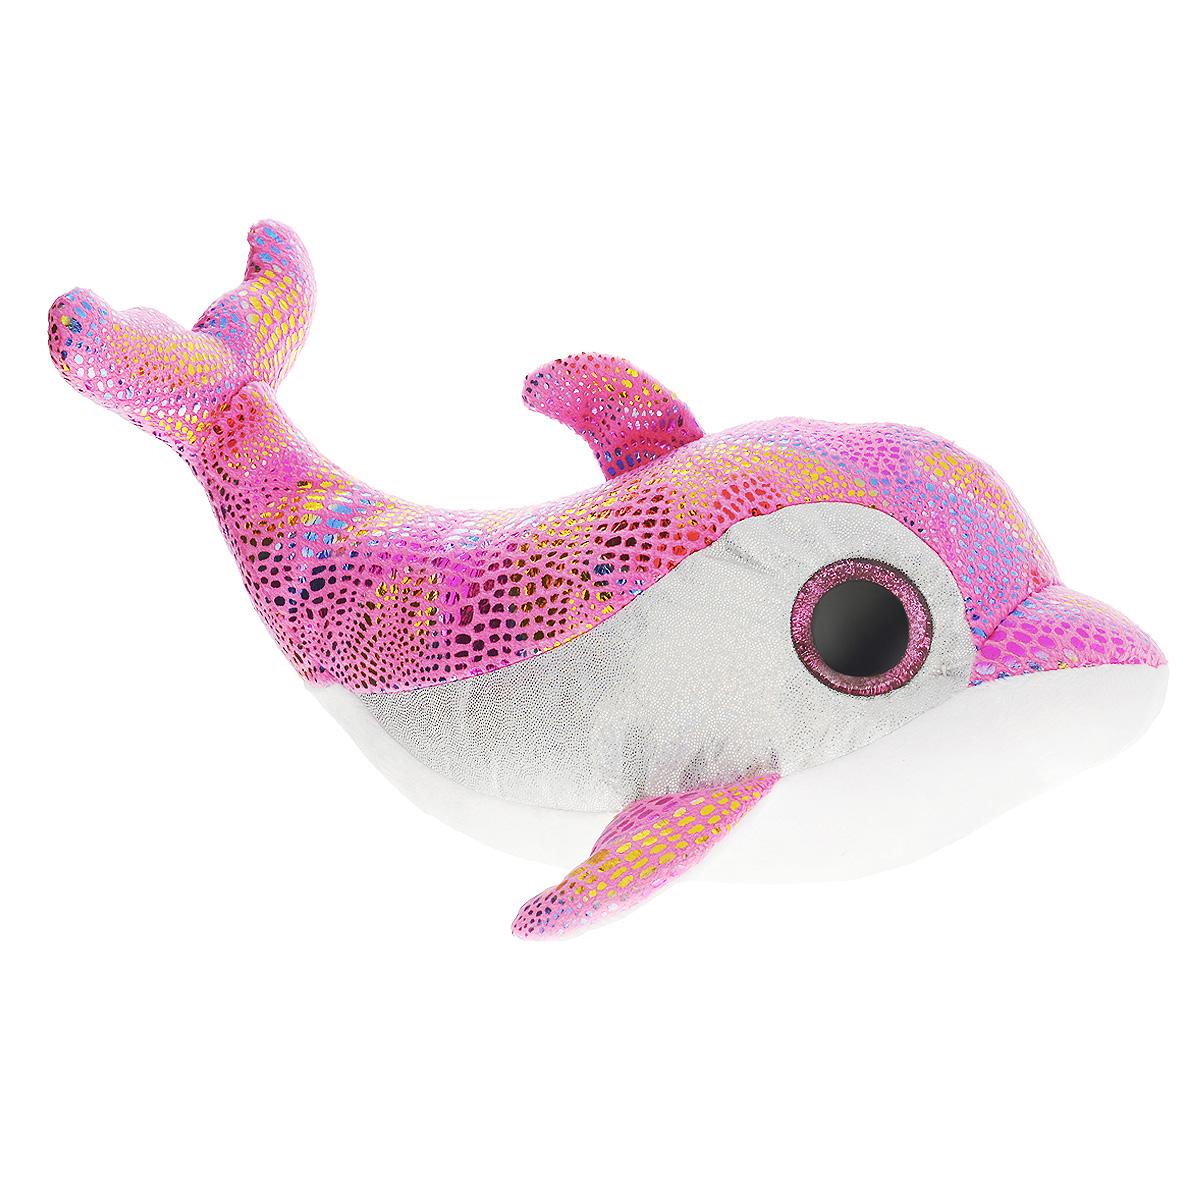 Мягкая игрушка Beanie Boos Дельфин Surf, цвет: розовый, 28 см37011Очаровательная мягкая игрушка Beanie Boos Дельфин Surf, выполненная в виде трогательного дельфина, непременно вызовет улыбку и симпатию и у детей, и у взрослых. Милый дельфинчик с выразительными искрящимися глазками изготовлен из высококачественного мягкого текстильного материала с набивкой из синтепона. Как и все игрушки серии Beanie Boos, он изготовлен вручную, с любовью и вниманием к деталям. Удивительно мягкая игрушка принесет радость и подарит своему обладателю мгновения нежных объятий и приятных воспоминаний.Специальные гранулы, используемые при ее набивке, способствуют развитию мелкой моторики рук малыша. Великолепное качество исполнения делают эту игрушку чудесным подарком к любому празднику. Трогательная и симпатичная, она непременно вызовет улыбку у детей и взрослых.